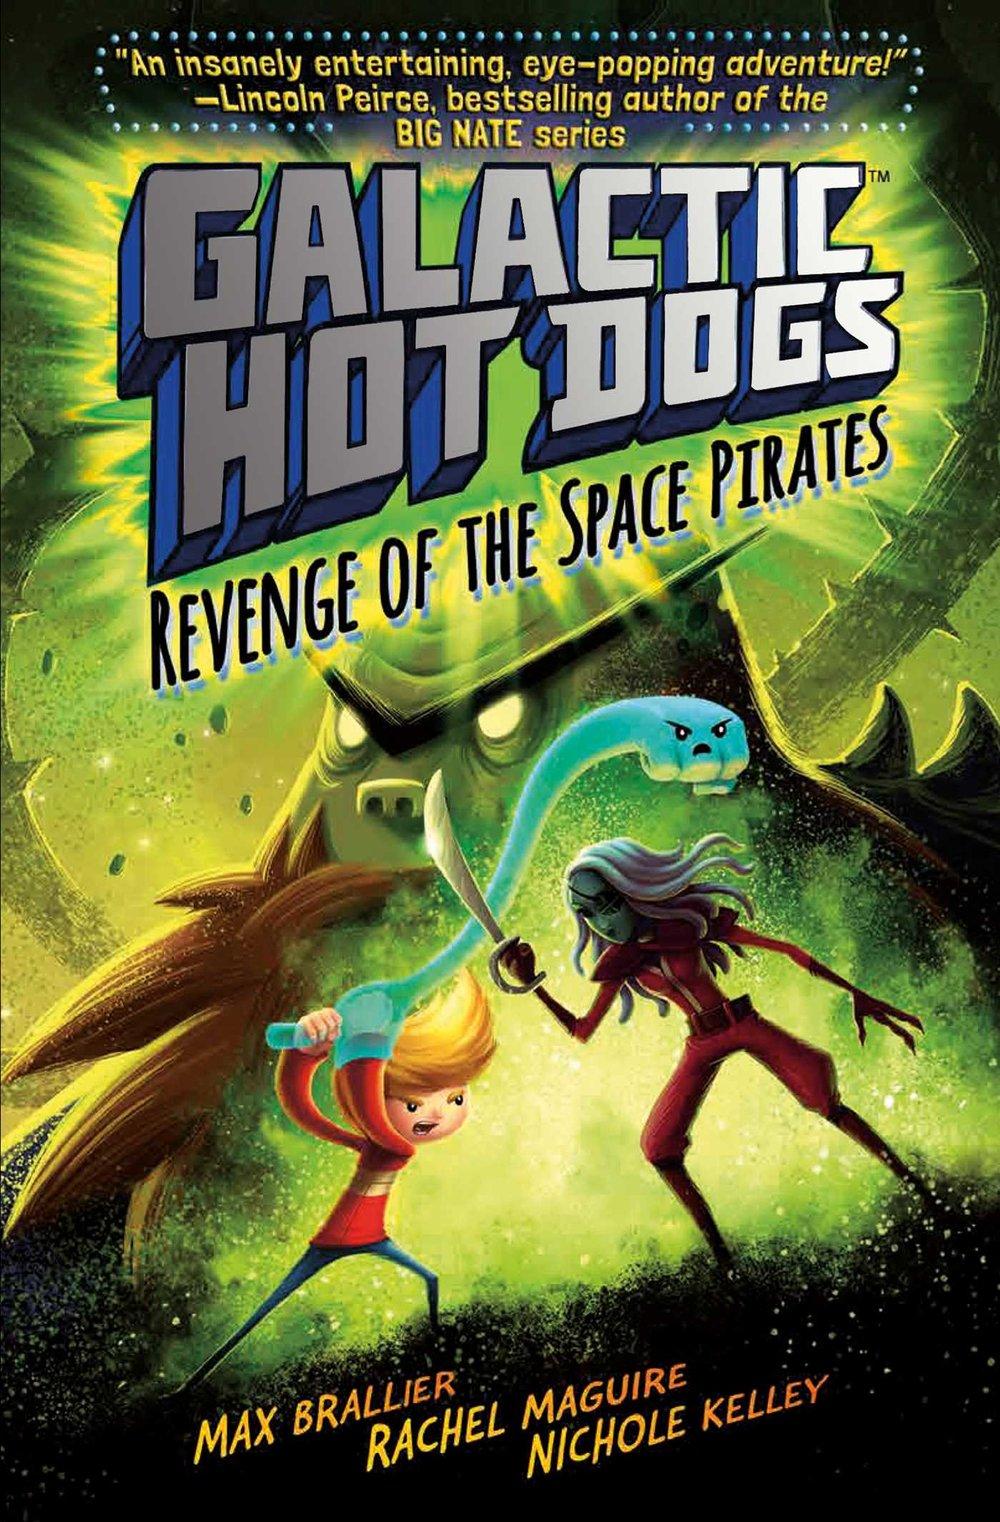 brallier-galactic-hotdogs-revenge.jpg